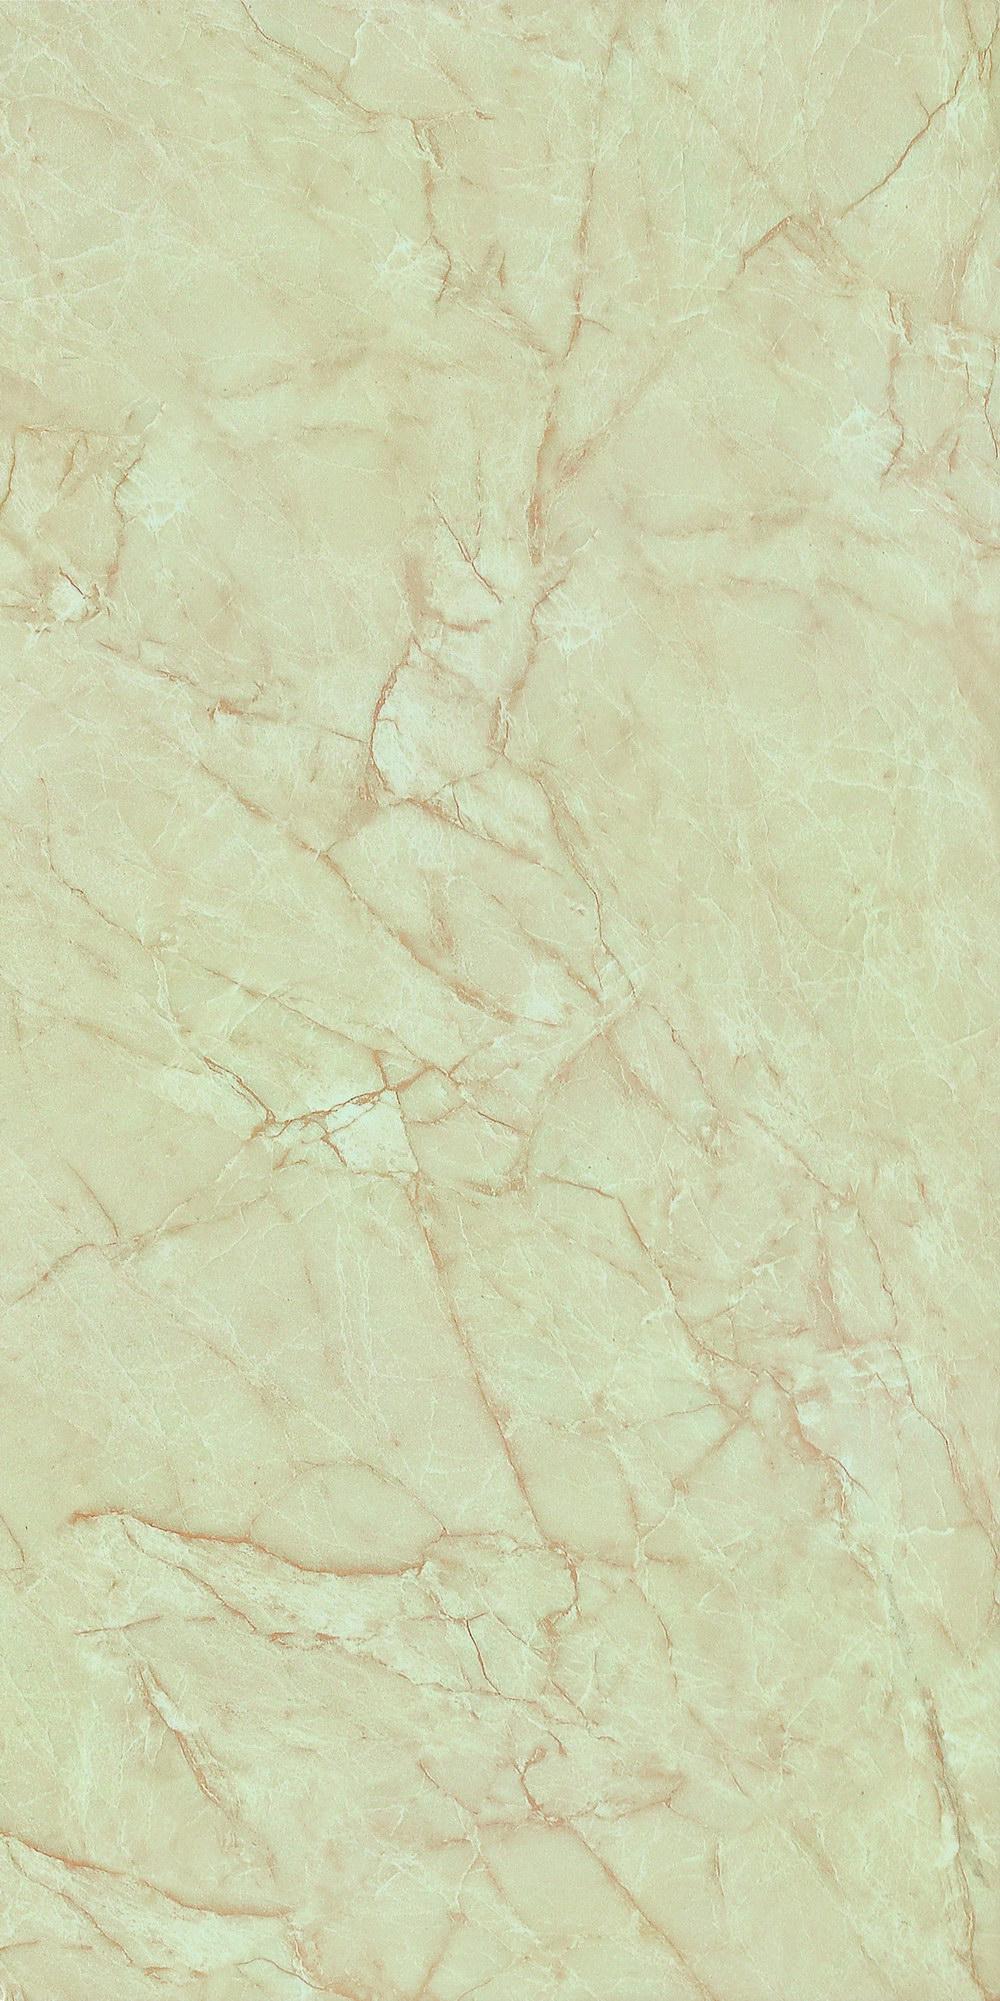 裂纹石HPG84084(800x400mm)